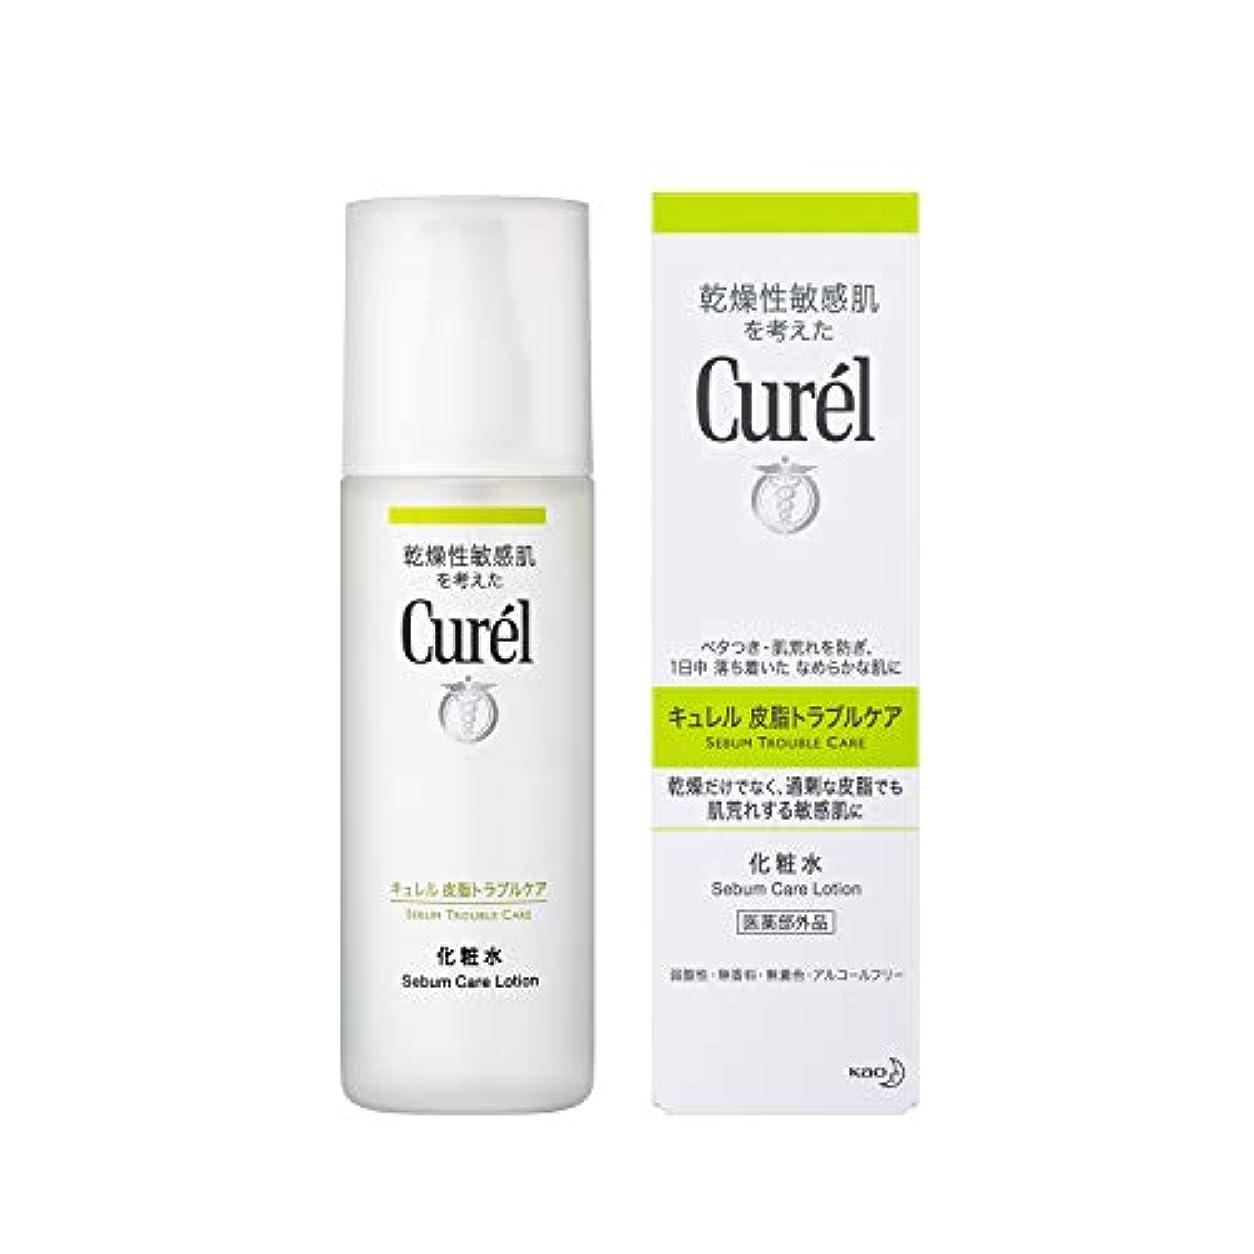 キュレル 皮脂トラブルケア化粧水 150ml